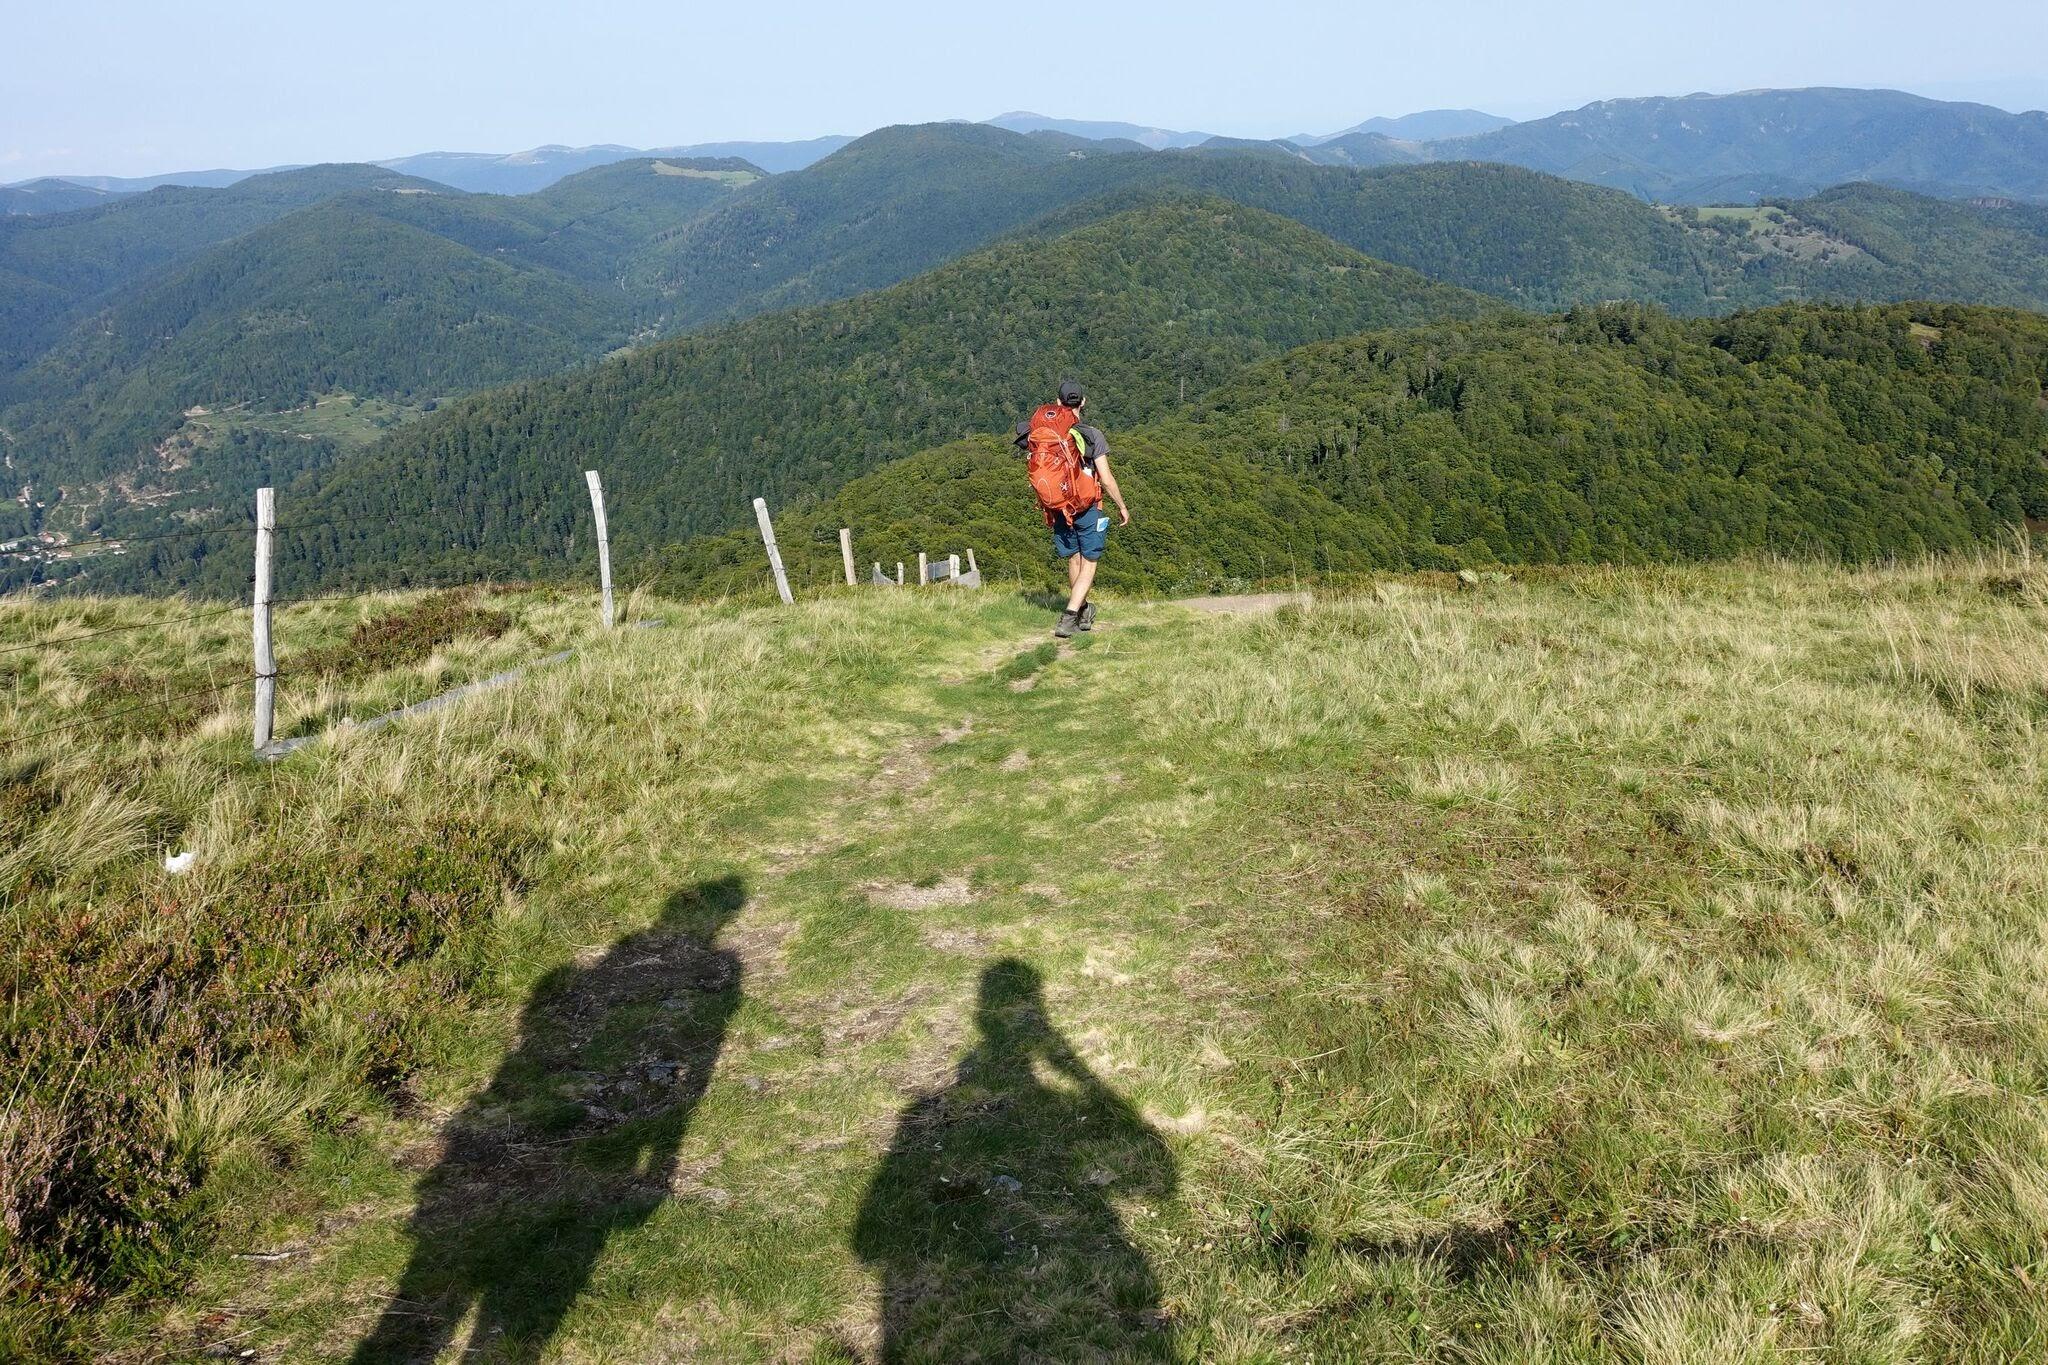 Randonneur dans les Vosges de dos face à un panorama de montagnes